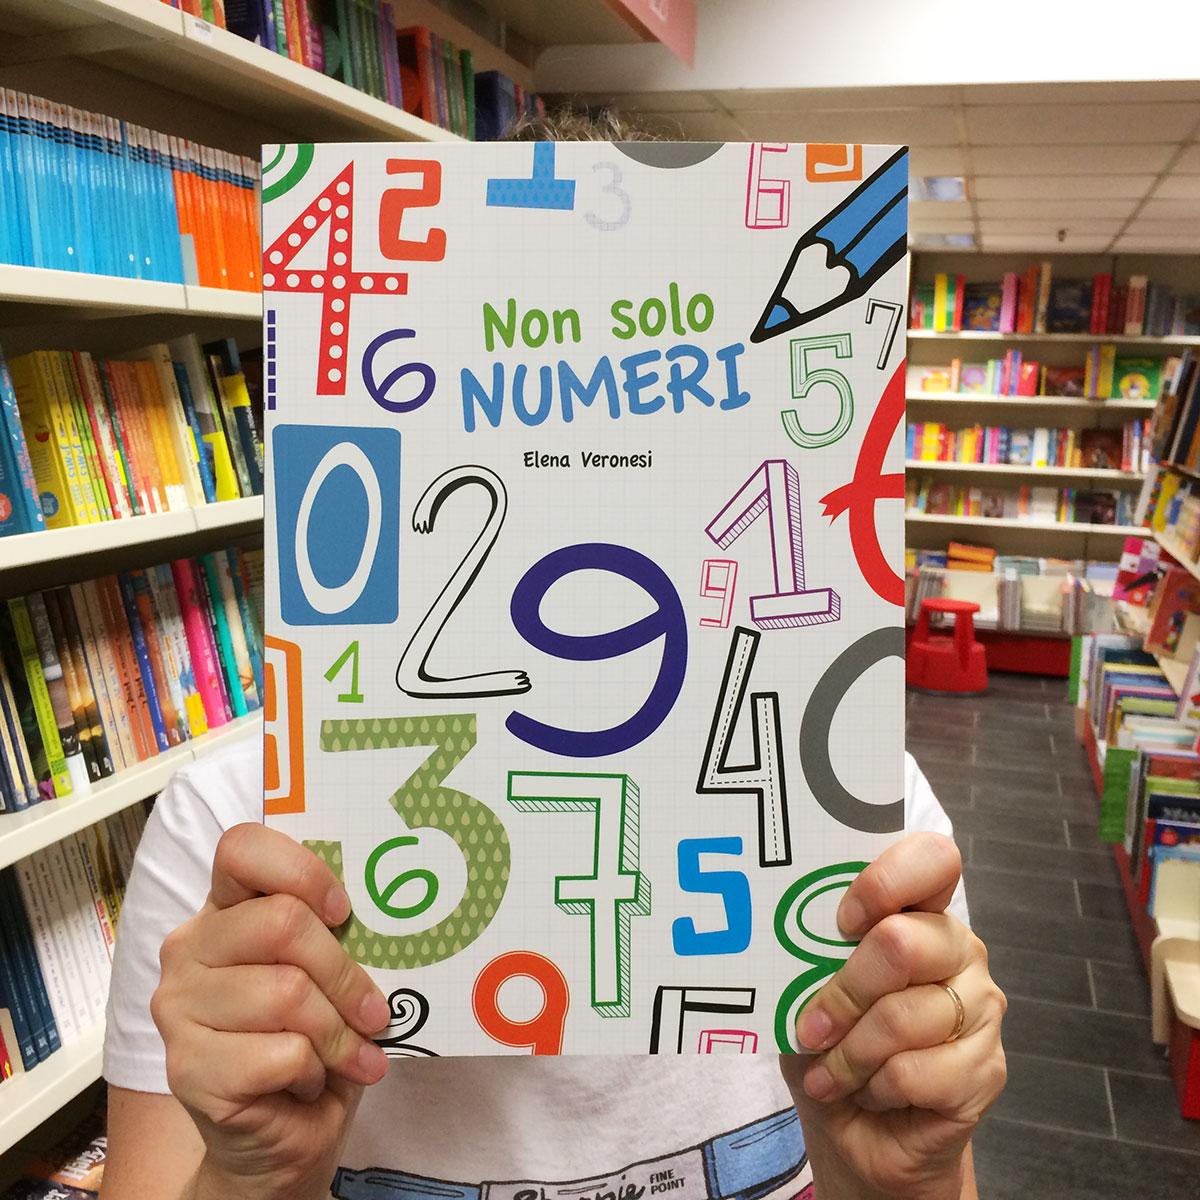 Non solo numeri